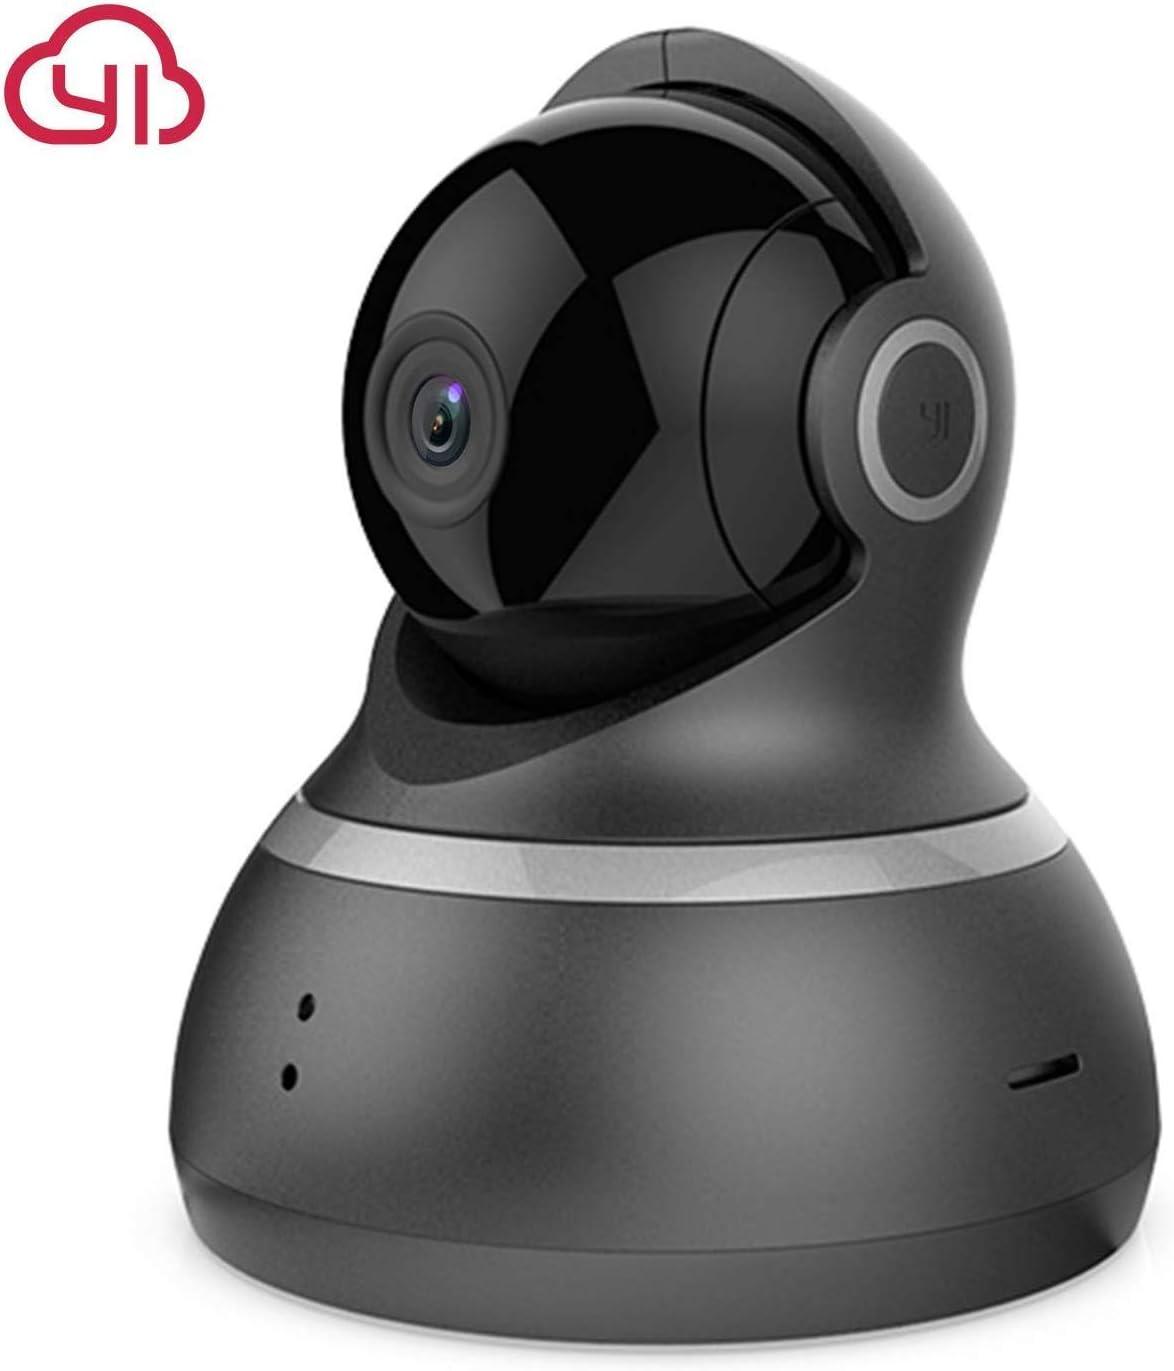 HD Night Vision d/étection de Mouvement /à Distance Mibao Cam/éra IP sans Fil 1080P WiFi IP Cam/éra Surveillance Syst/ème de s/écurit/é Cam/éra avec Enregistrement vid/éo